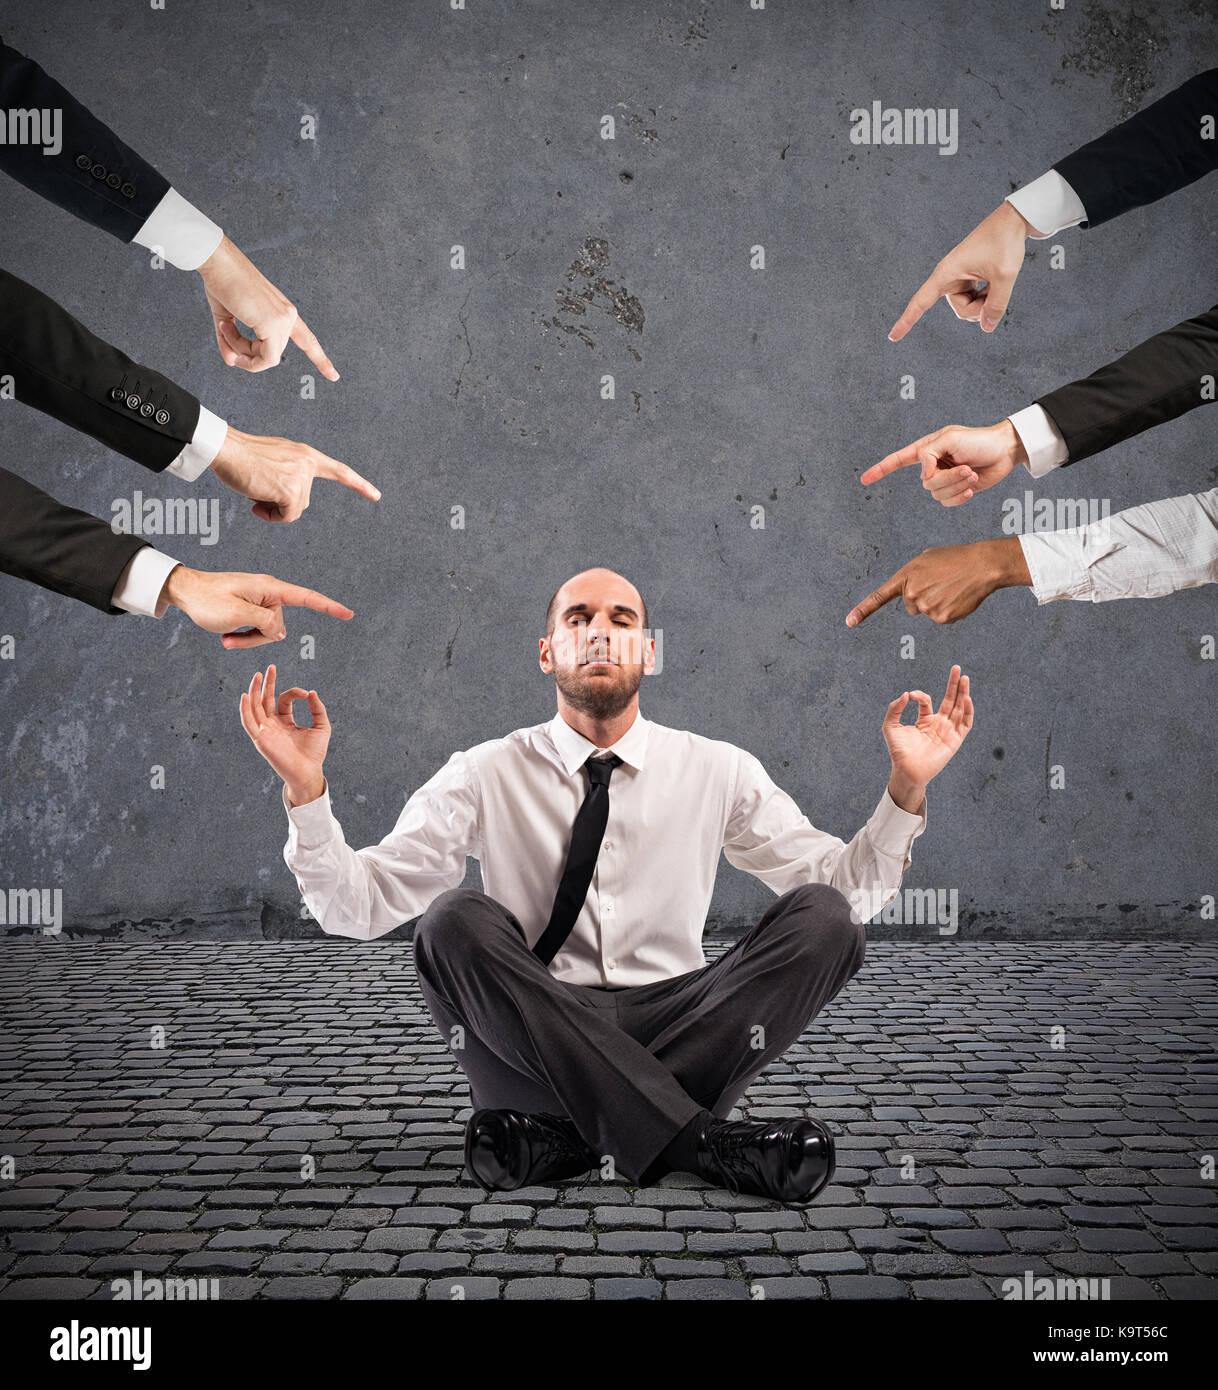 Imprenditore rilassato sotto le accuse di colleghi Immagini Stock